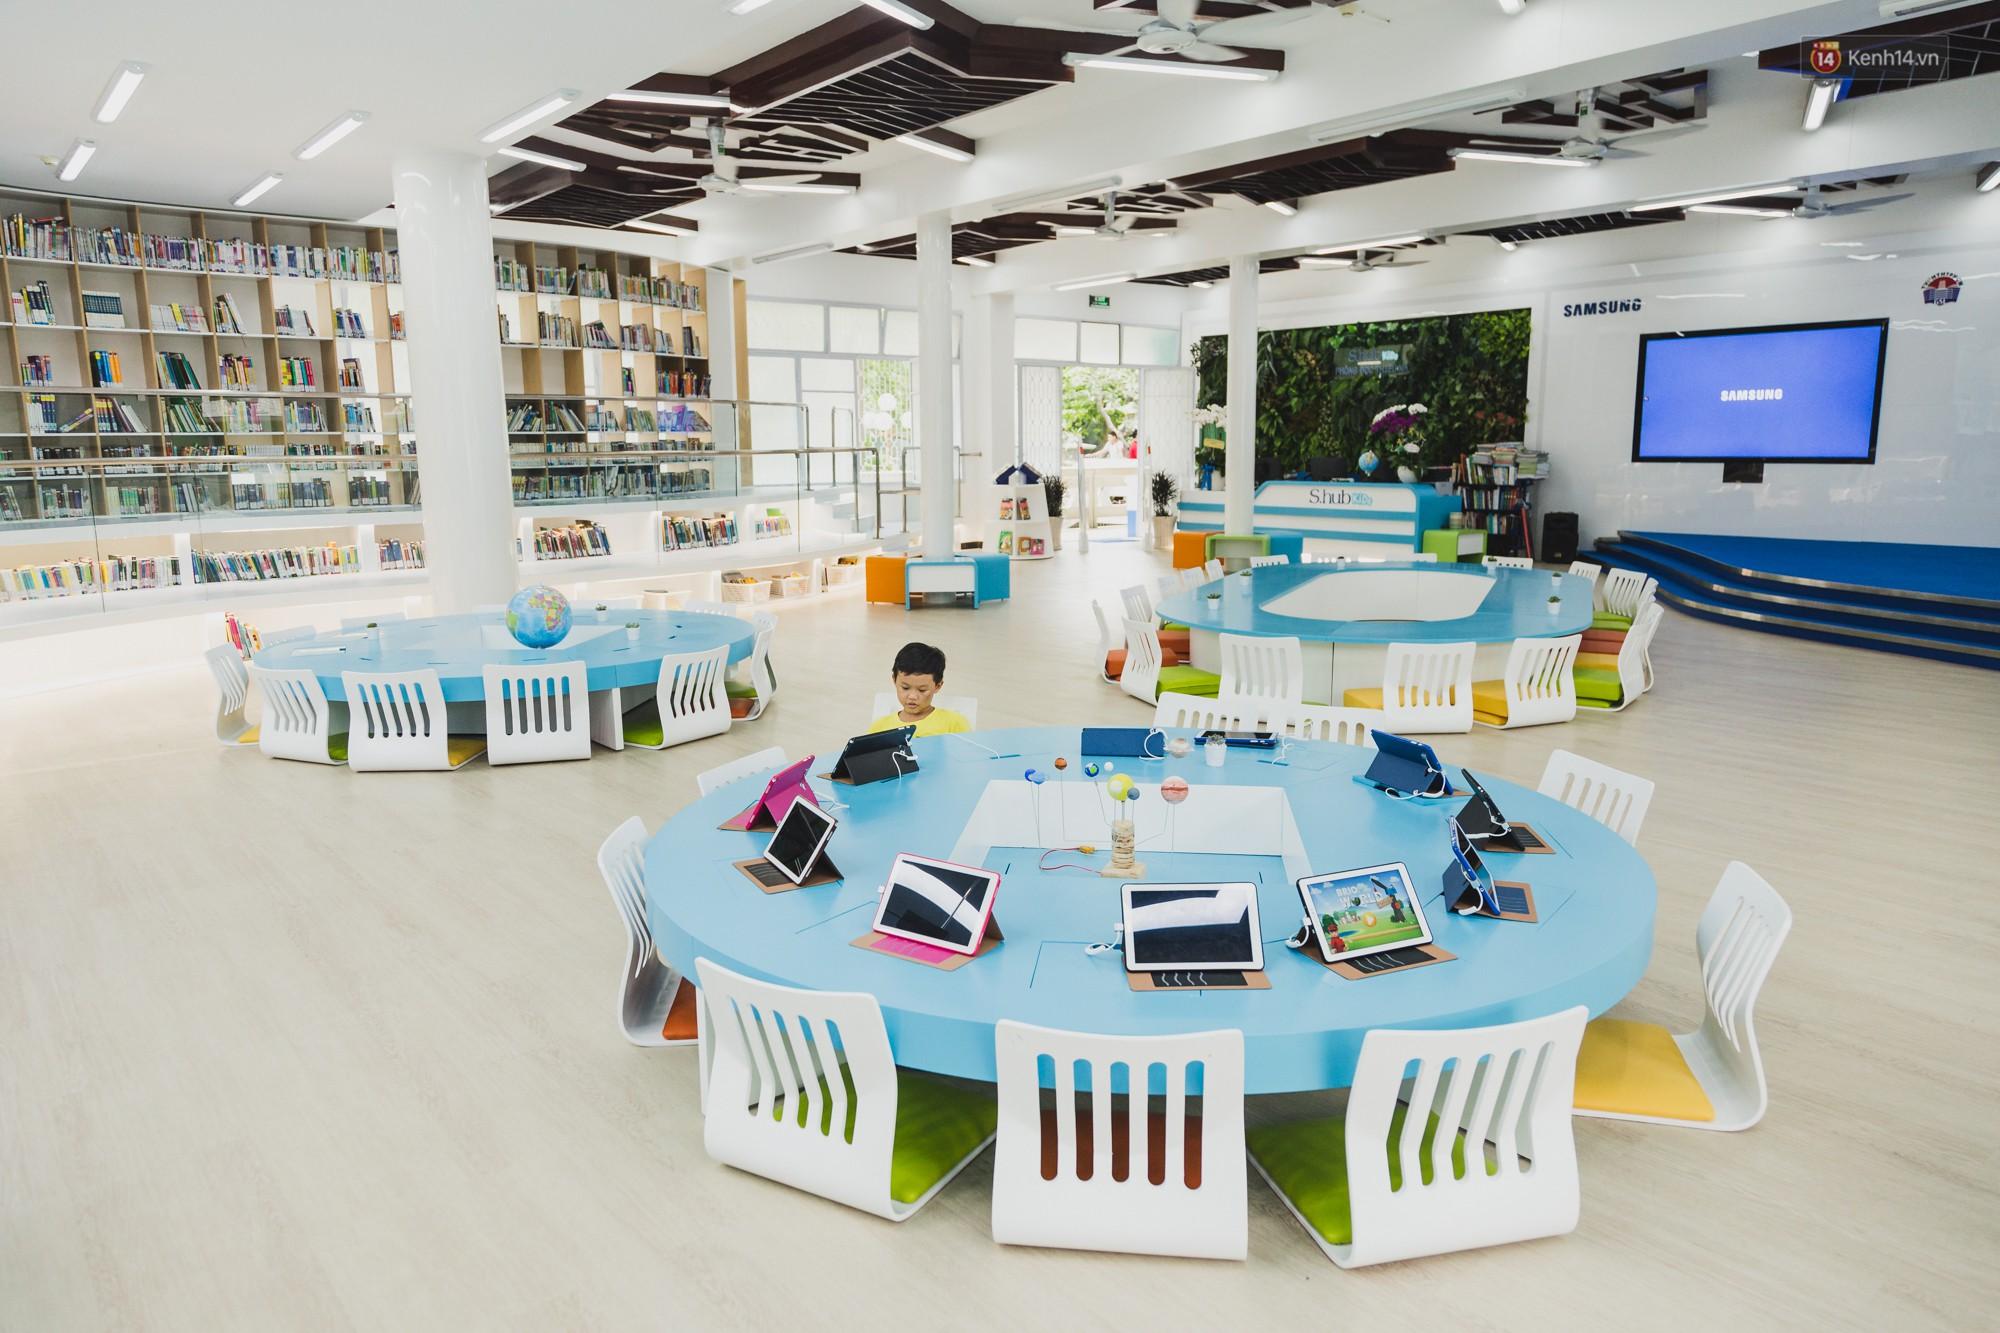 Thư viện thông minh đầu tiên dành cho thiếu nhi ở TP.HCM: Đẹp như sân chơi, có cả ngàn đầu sách và lên hình siêu ảo - Ảnh 1.